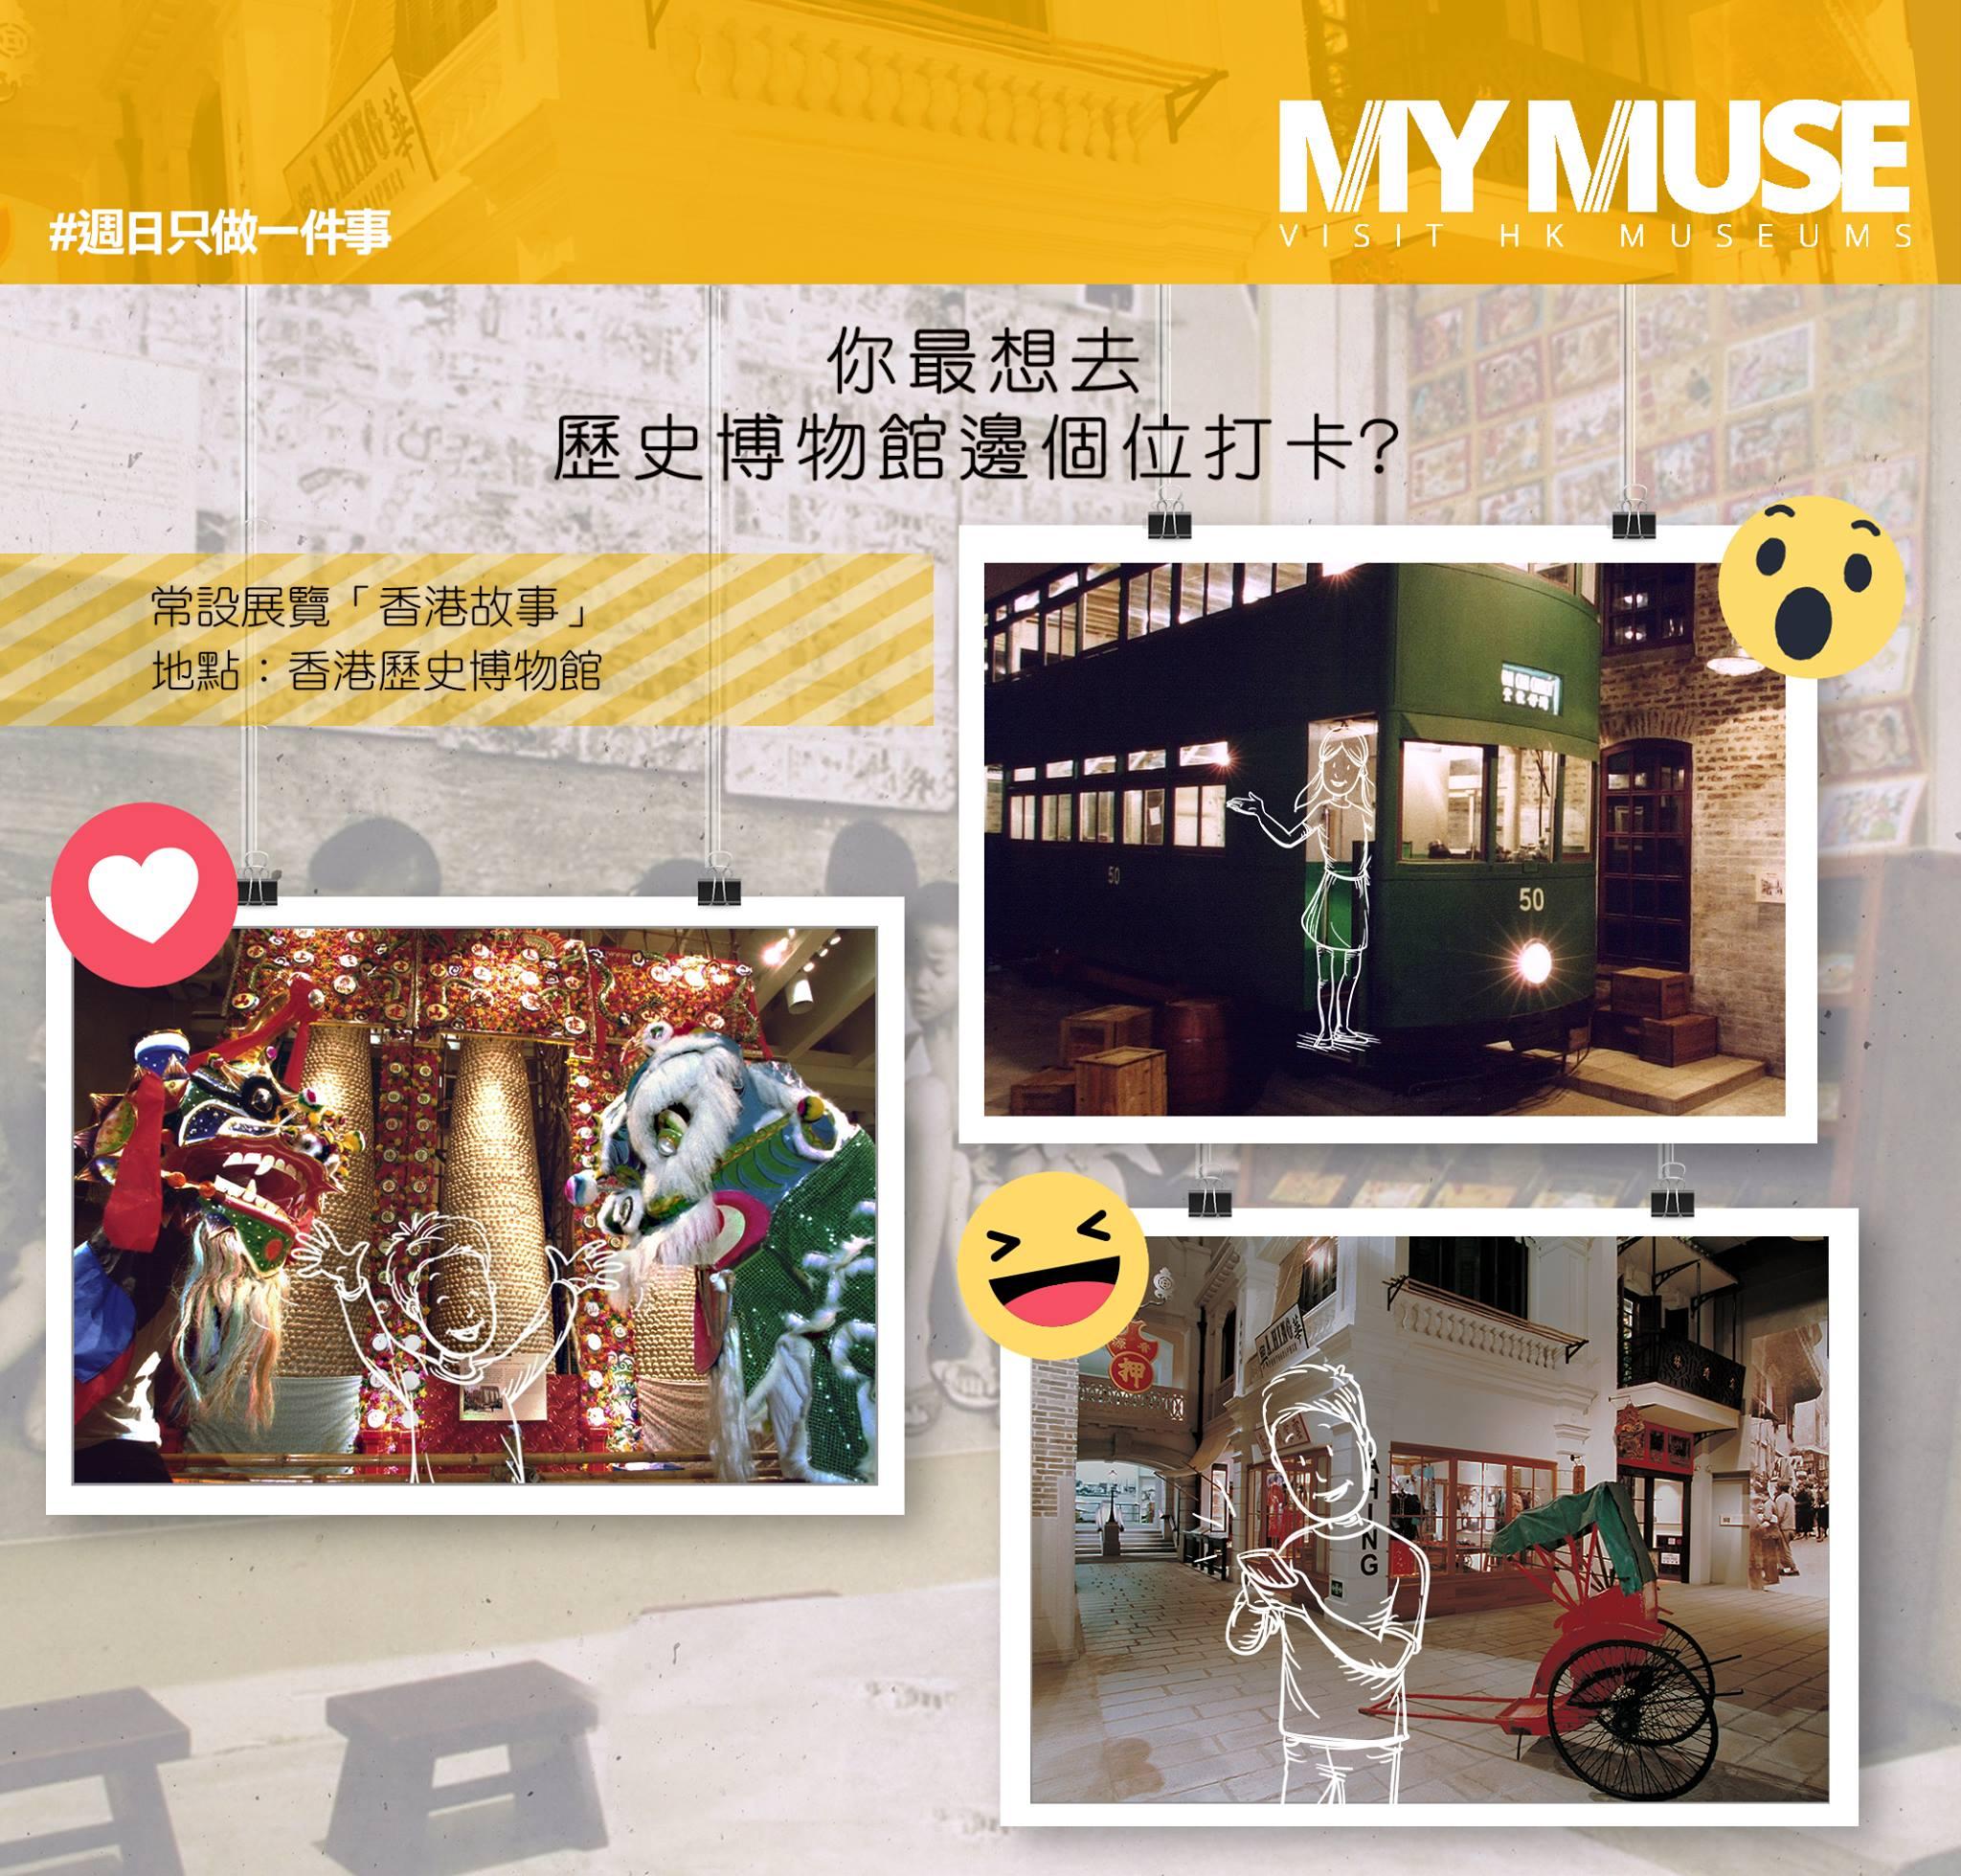 【開放19年】歷史博物館常設展覽《香港故事》10月19日起關閉翻新